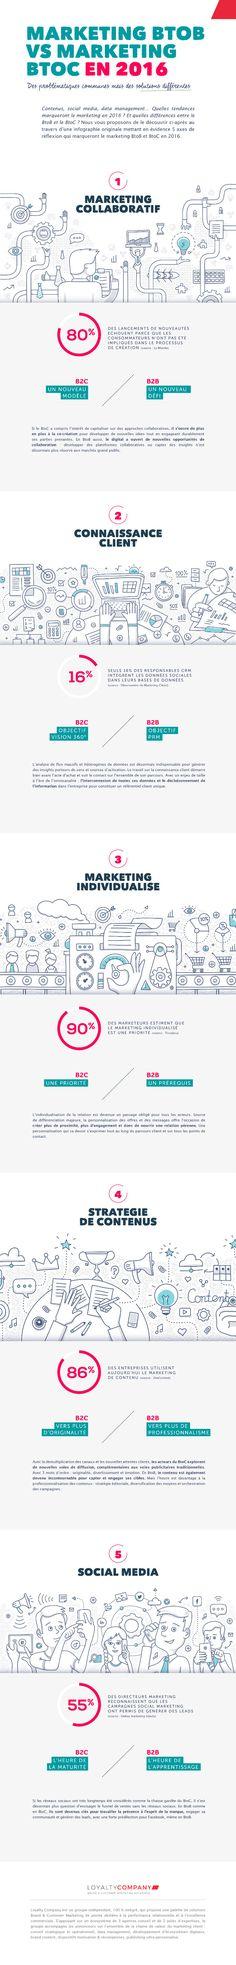 Tendances marketing dans le B2B et le B2C